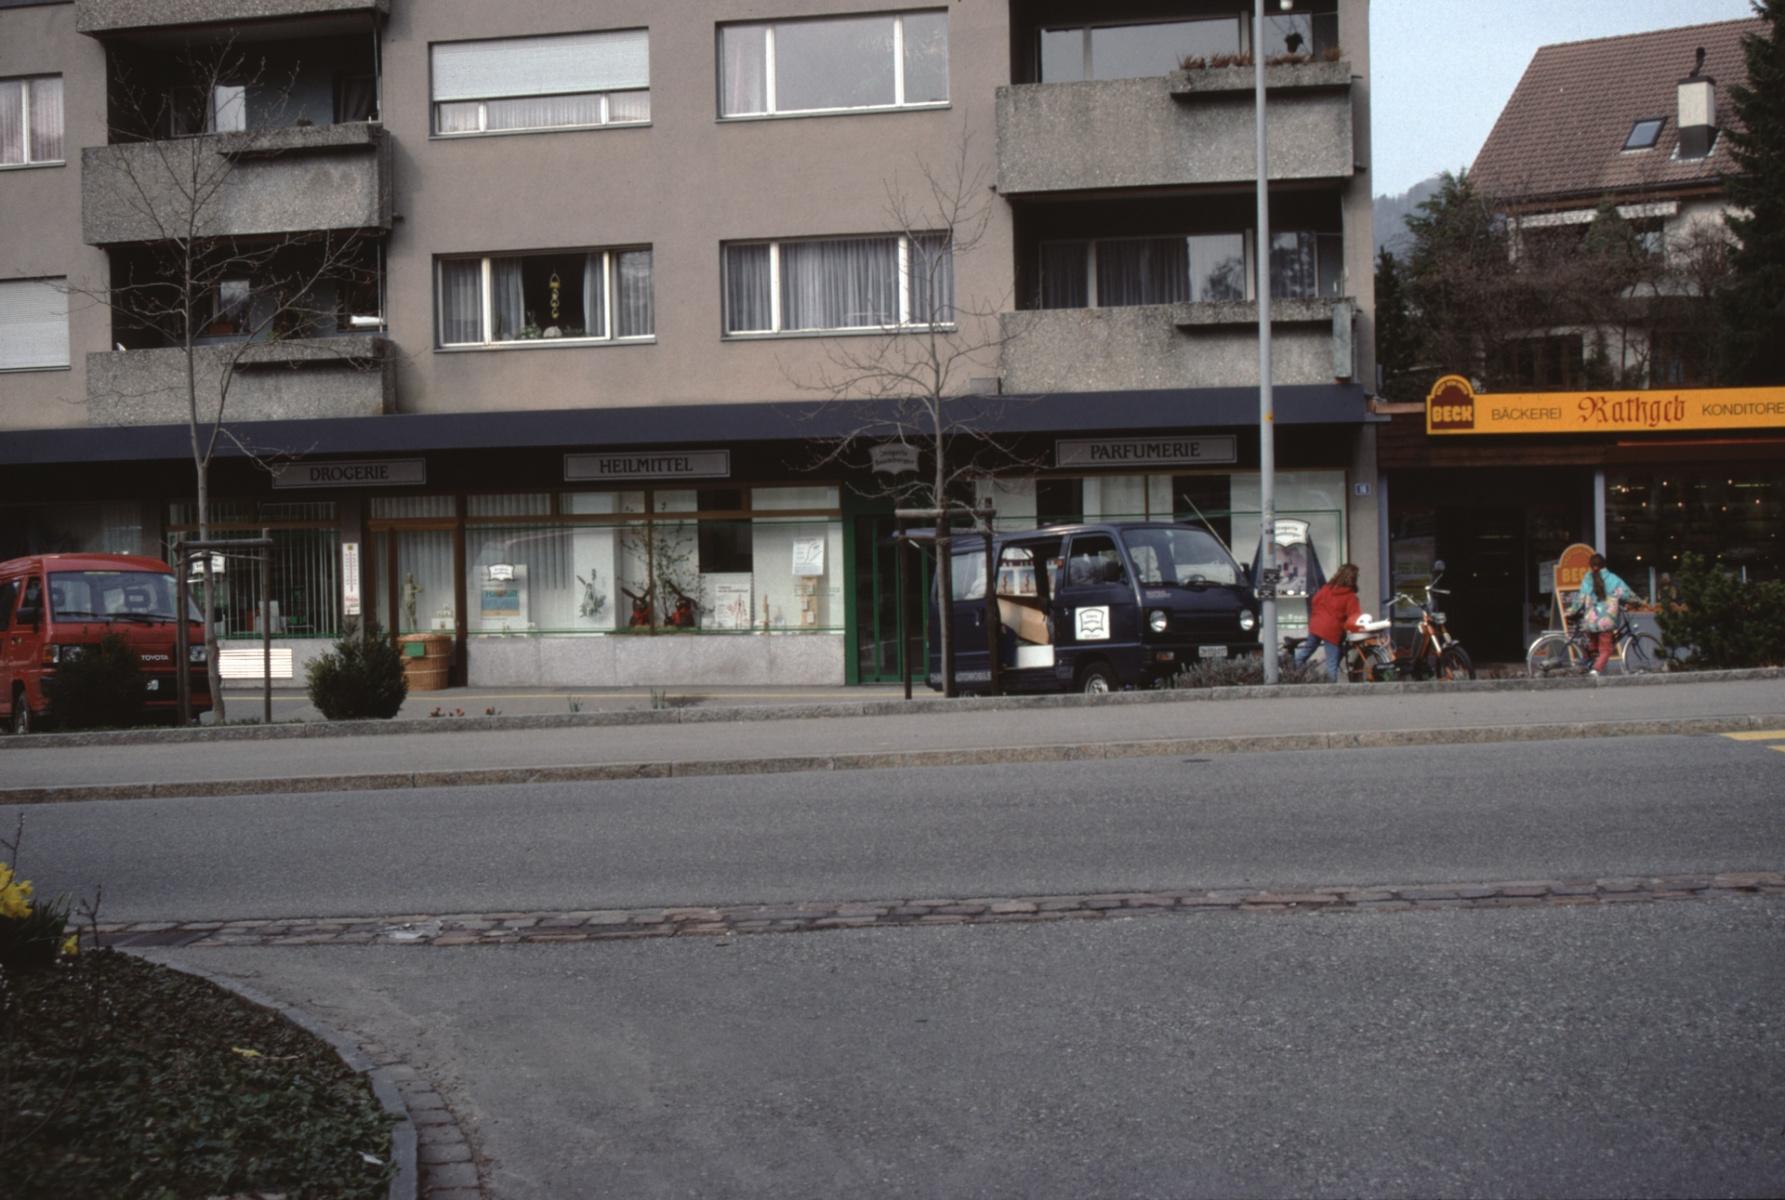 neu Drogerie Baumberger + Bäckerei Rathgeb